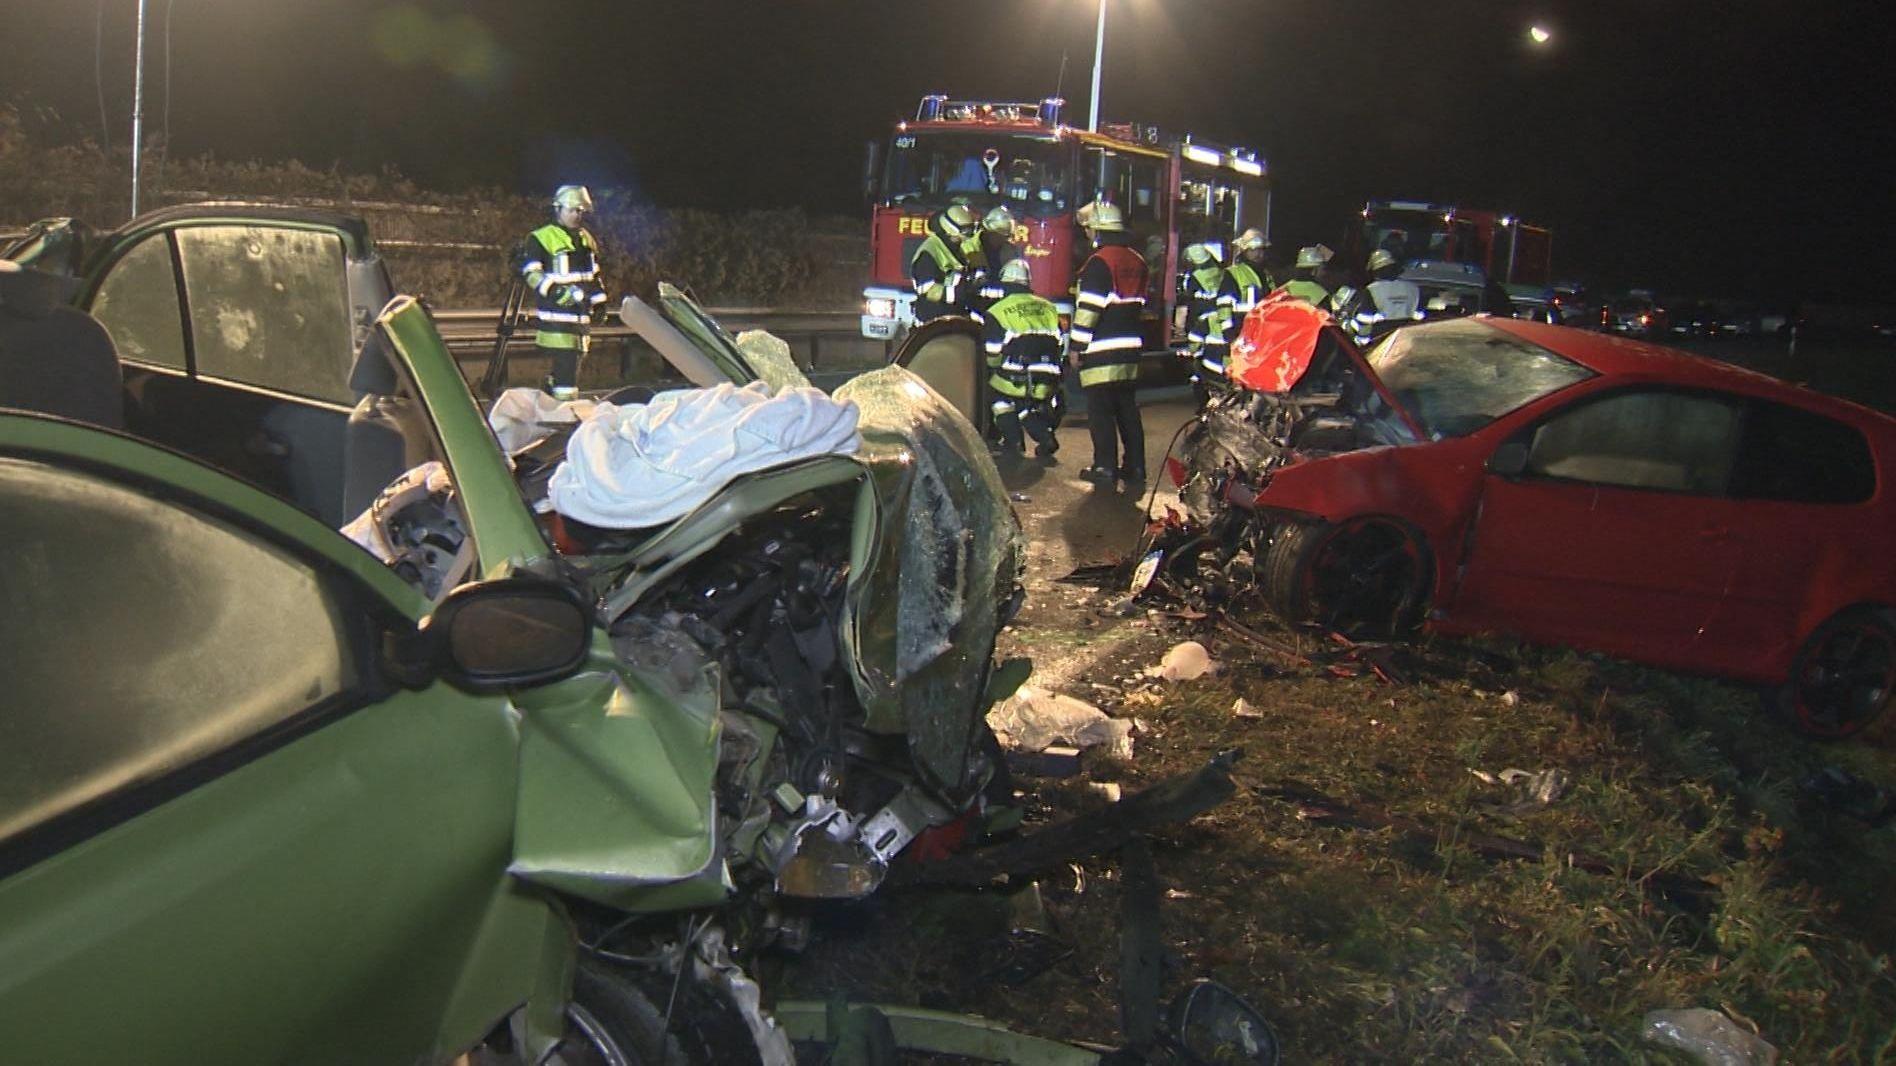 Feuerwehrleute an der Unfallstelle mit zwei zerstörten Autos